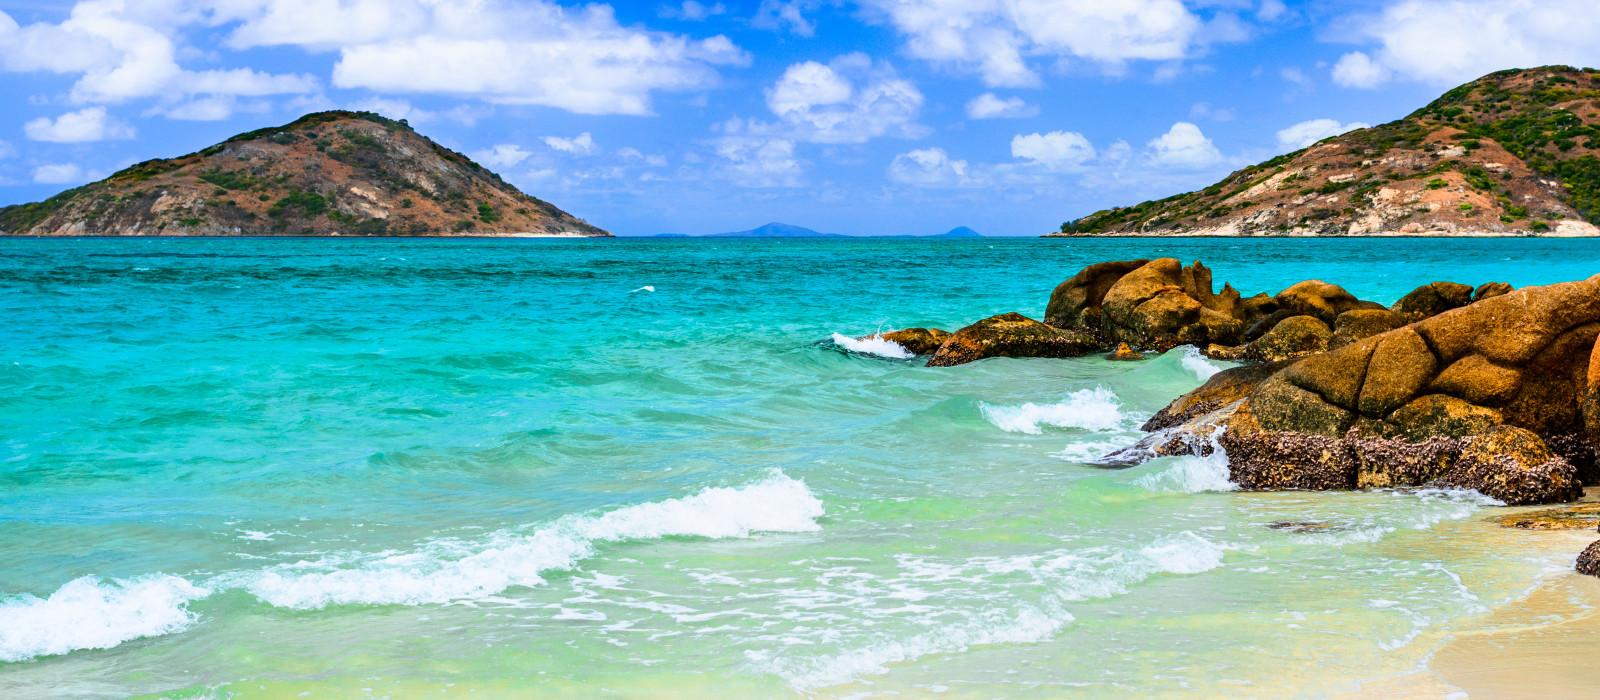 Luxury Down Under: Culture, Landscapes & Paradise Islands Tour Trip 1